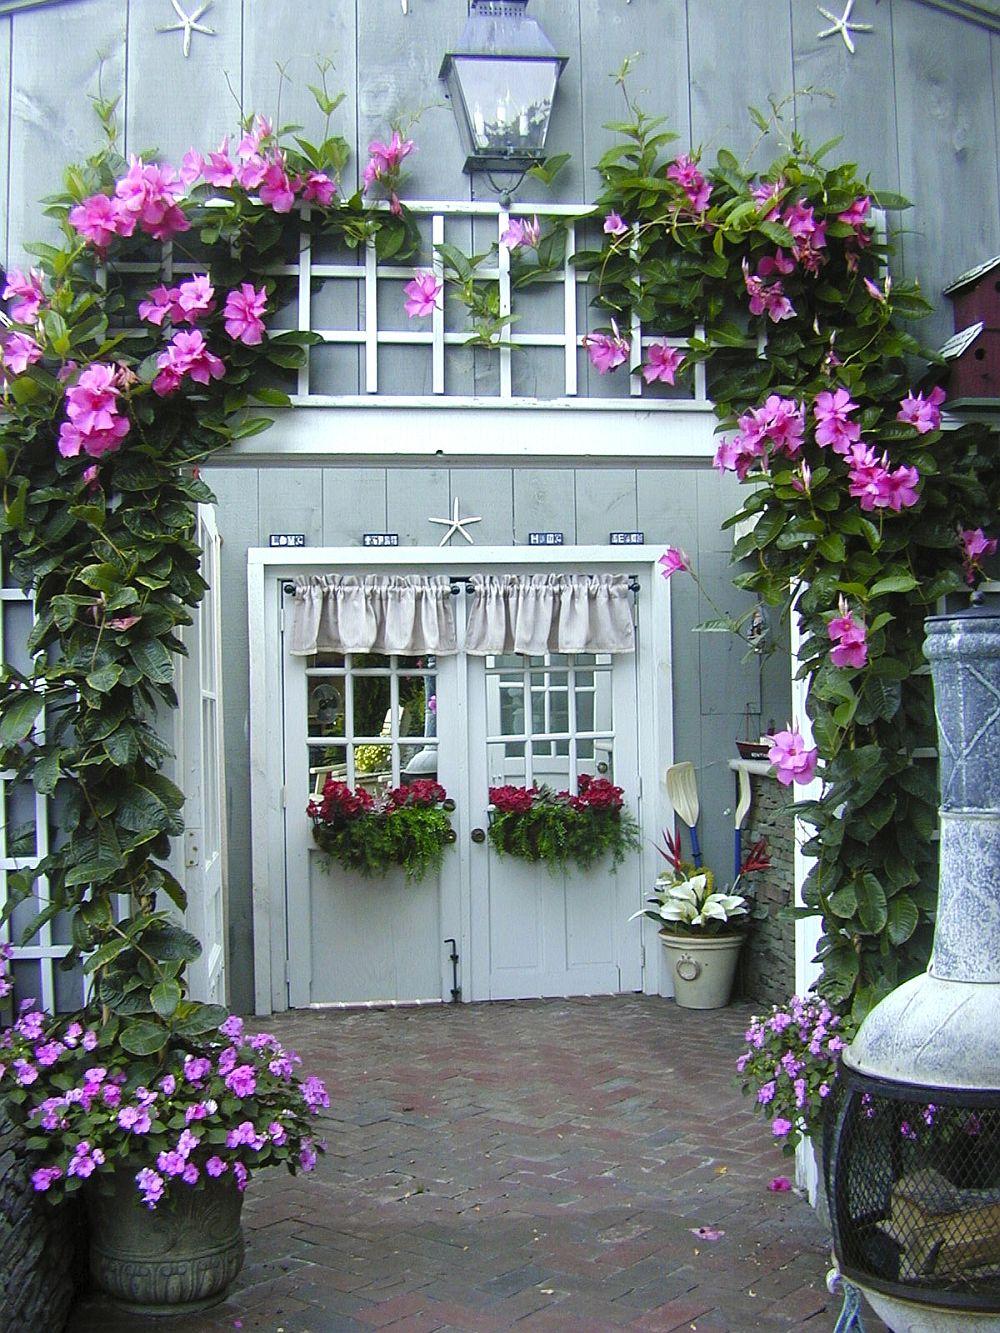 adelaparvu.com despre Mandevilla floare cataratoare, text Carli Marian (2)